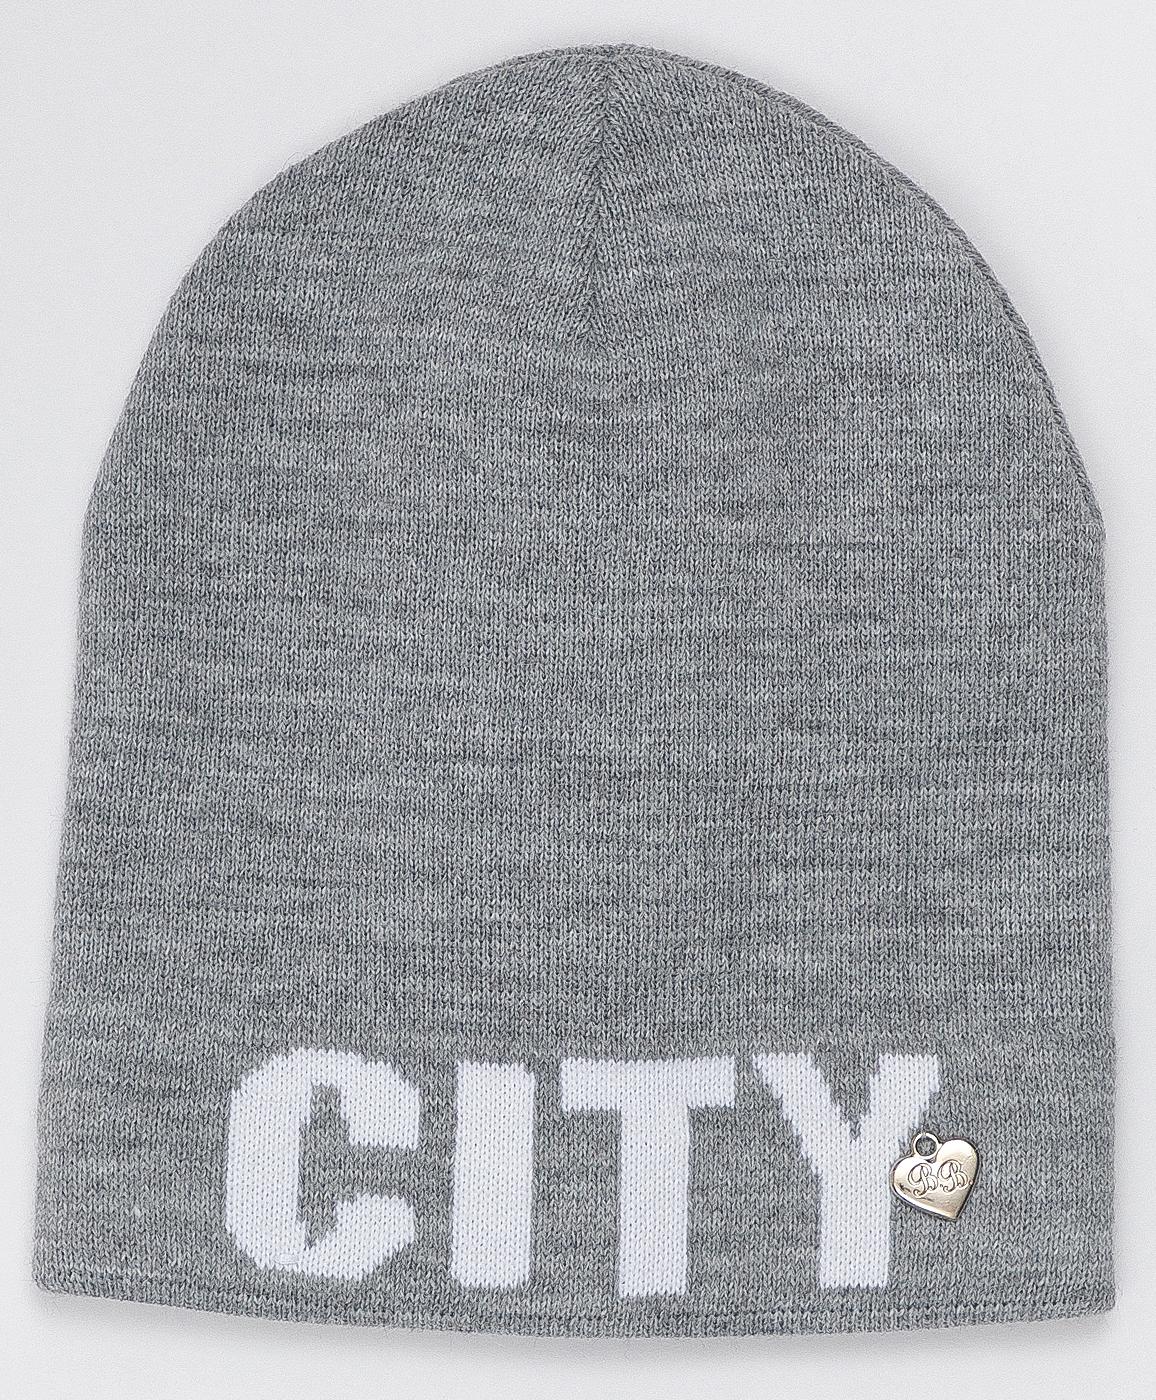 Купить 220BBGJX73021900, Серая шапка с принтом Button Blue, серый, 54, Вязаный трикотаж, Женский, Зима, ОСЕНЬ/ЗИМА 2020-2021 (shop: GulliverMarket Gulliver Market)